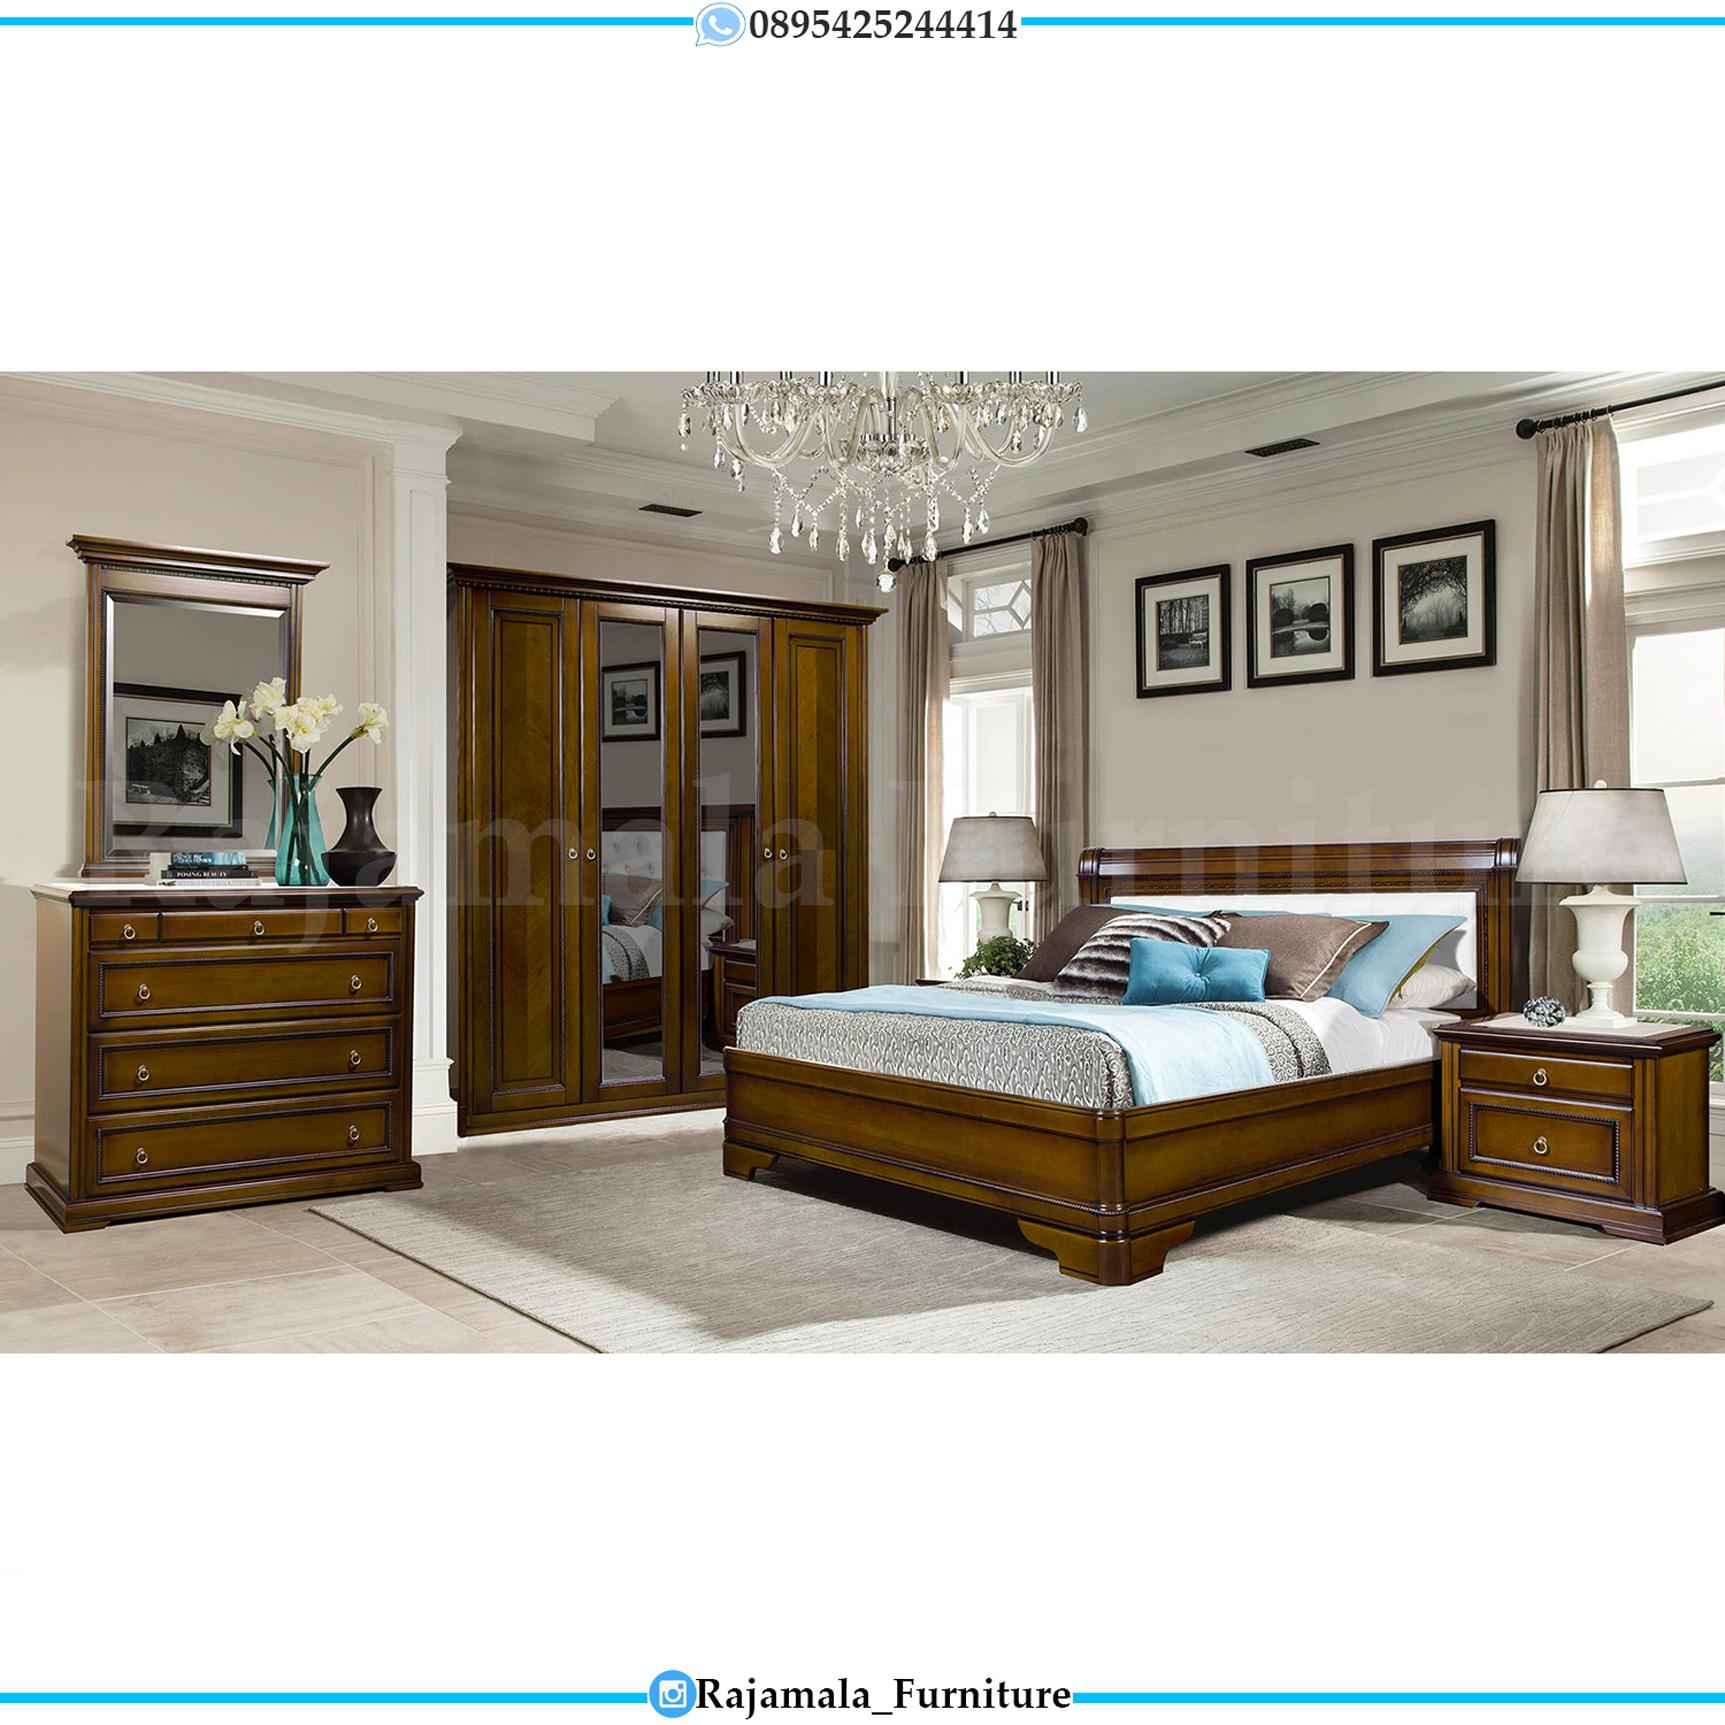 Kamar Set Minimalis Jati Natural Glossy Luxury Item RM-0077